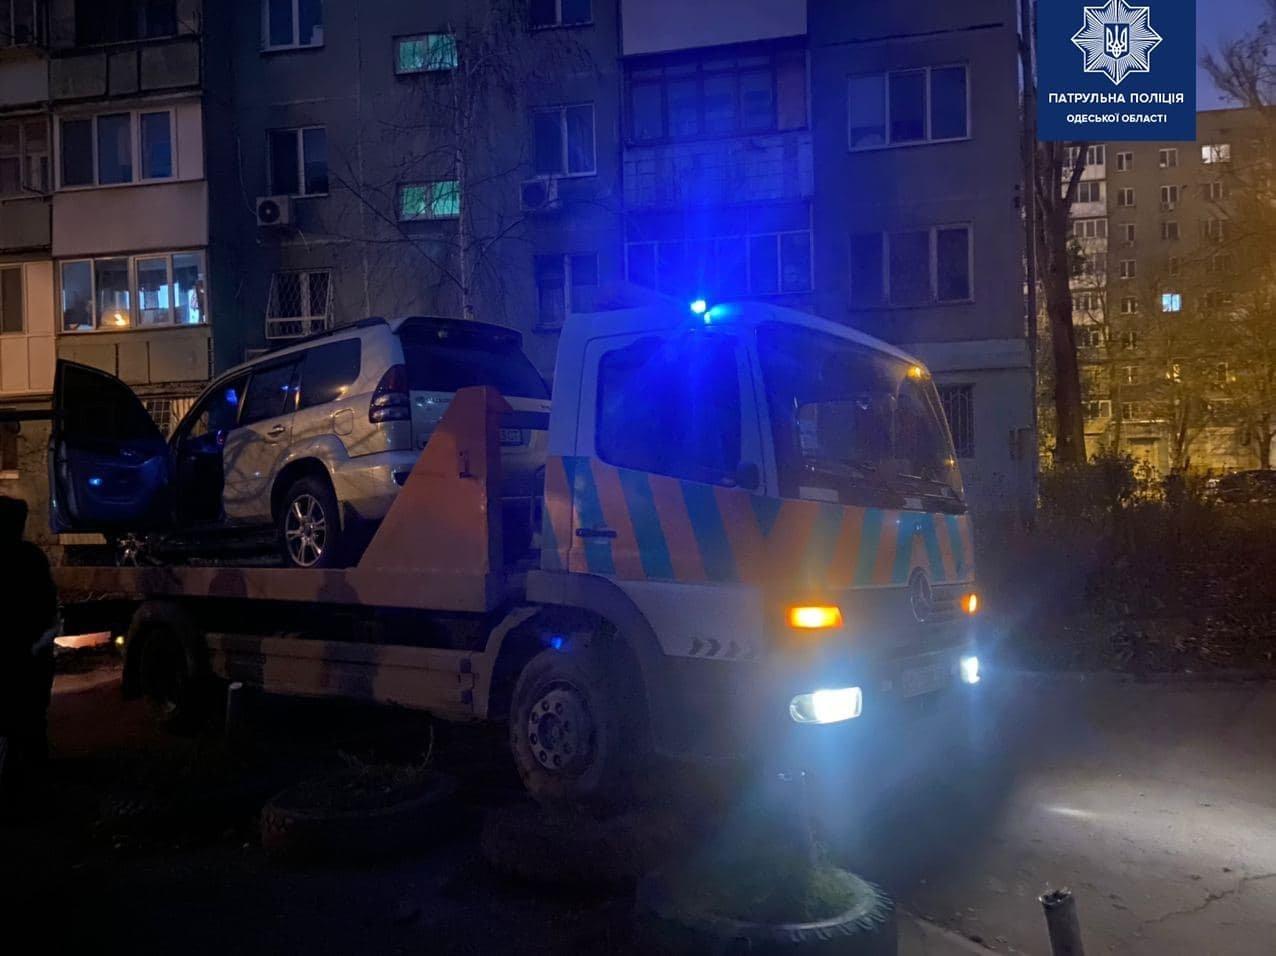 В Одессе нетрезвый водитель устроил погоню: его остановил подъезд дома, - ФОТО, ВИДЕО , фото-3